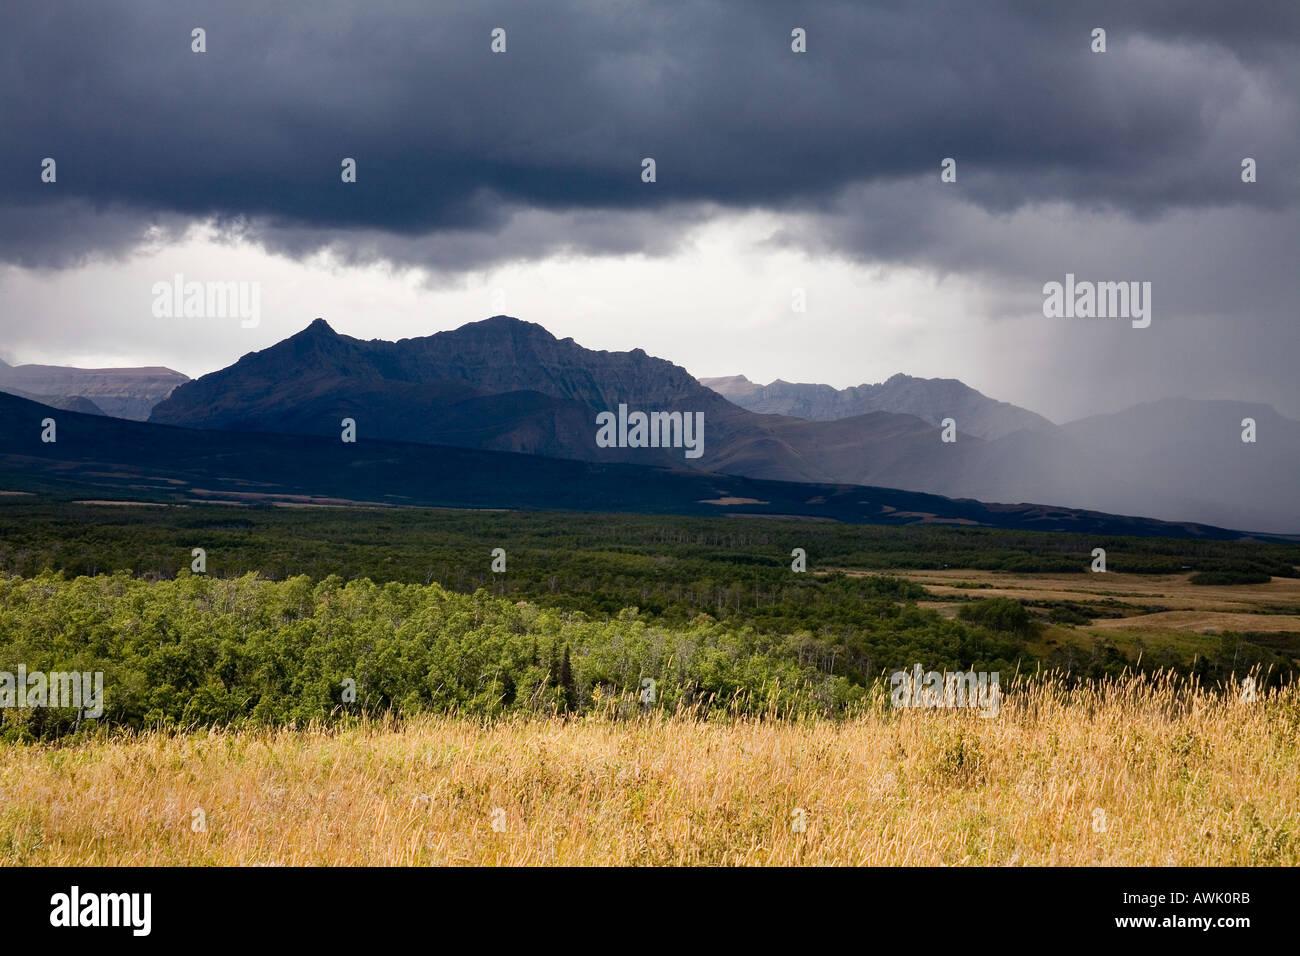 Tempesta di pioggia su Spread Eagle mountain nelle Montagne Rocciose Canadesi in Alberta Canada Immagini Stock